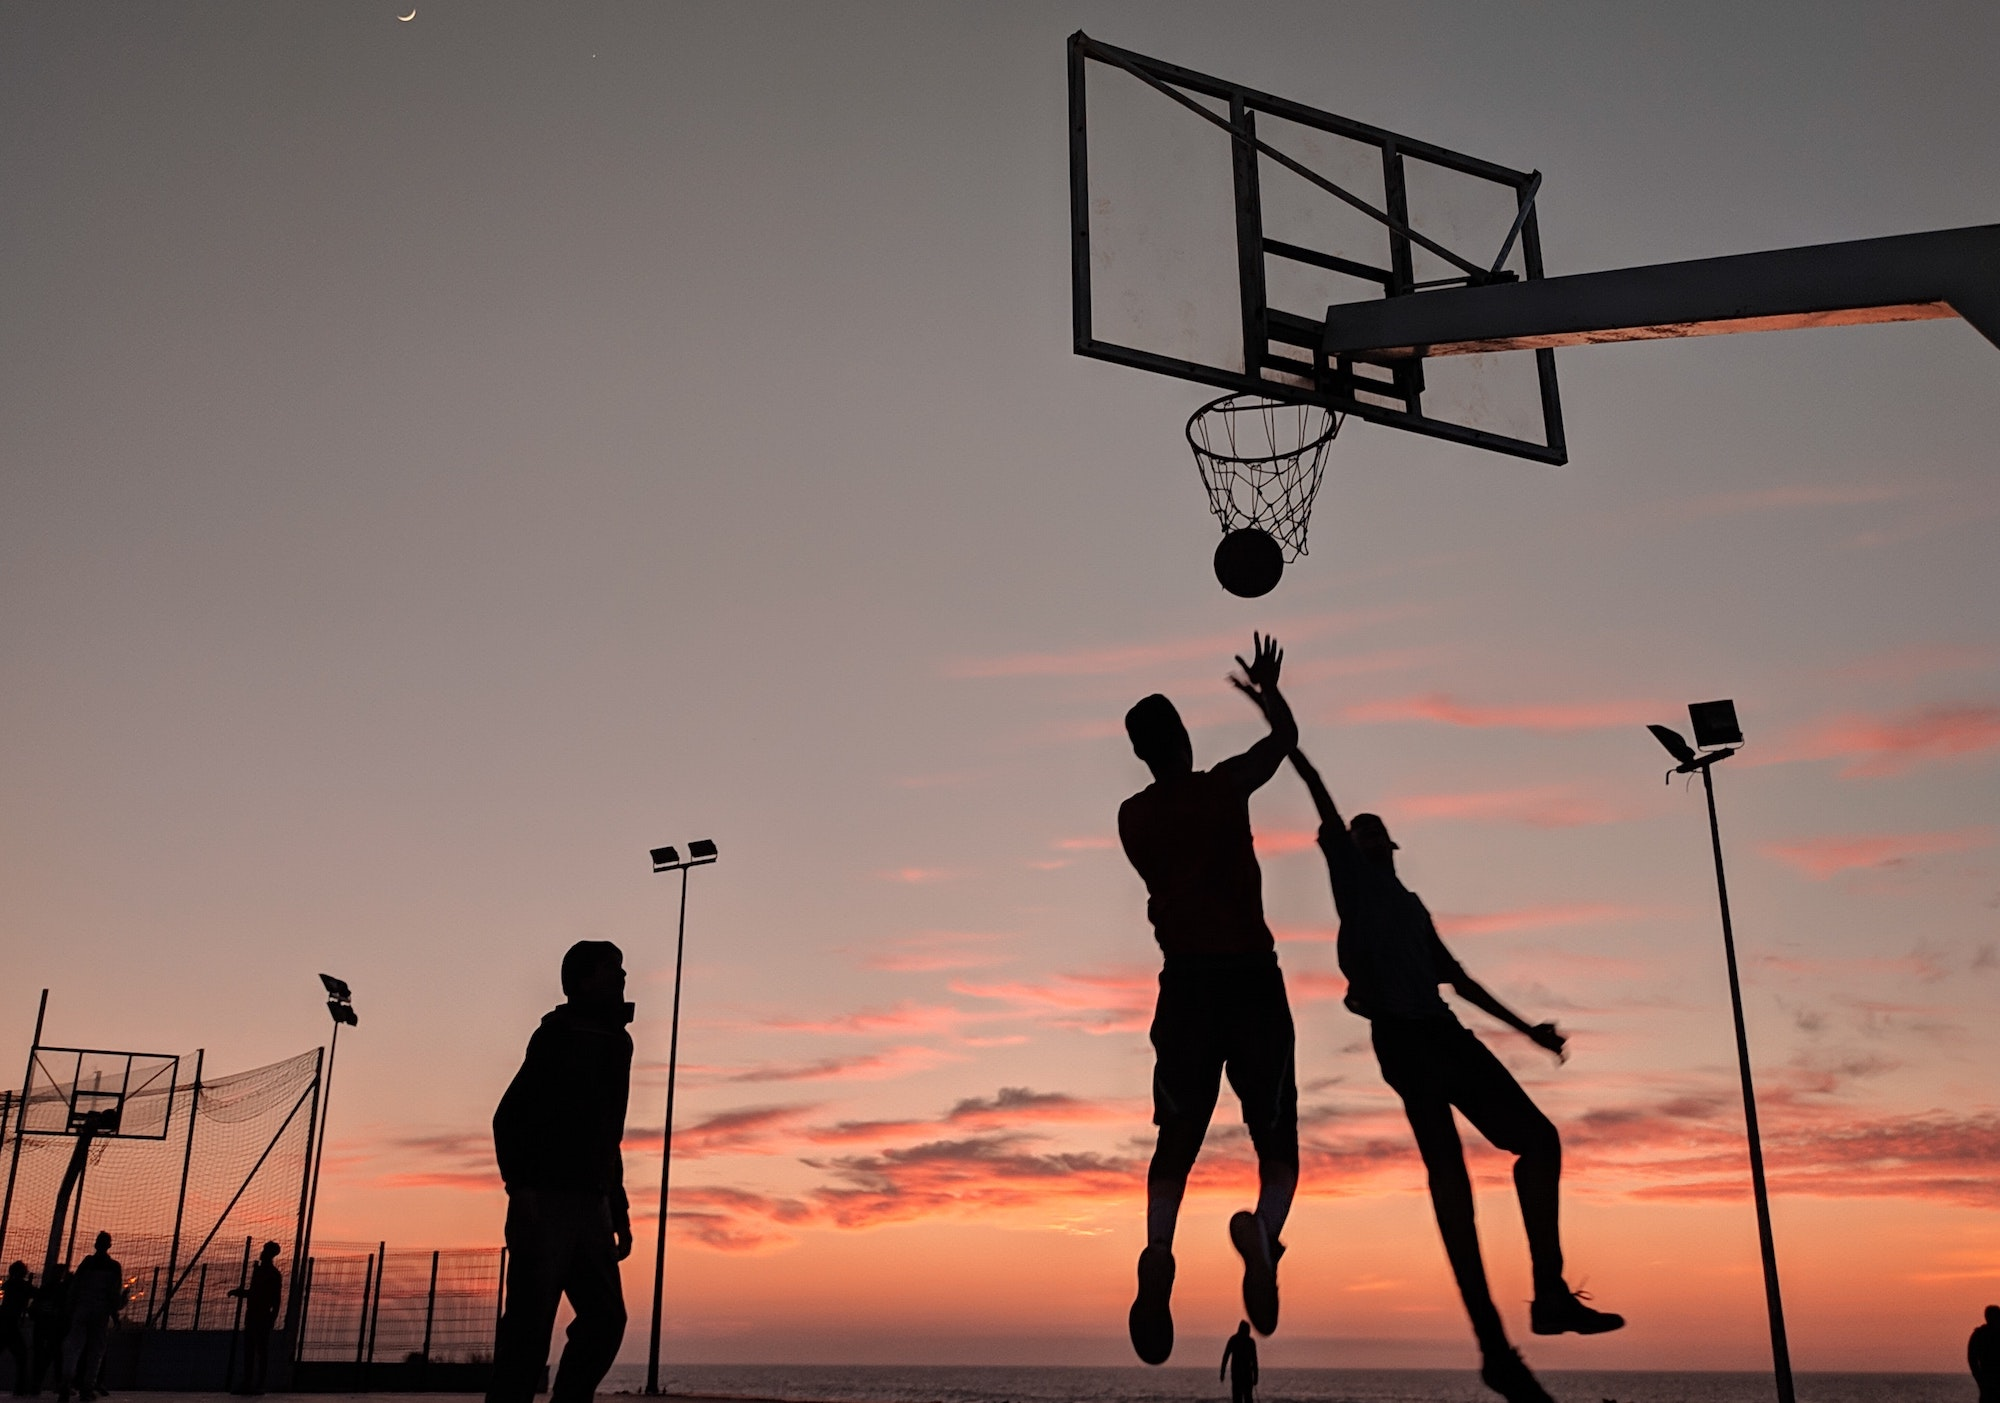 nuovo-dpcm-si-puo-giocare-a-basket-in-zona-gialla-dal-26-aprile-ecco-le-regole